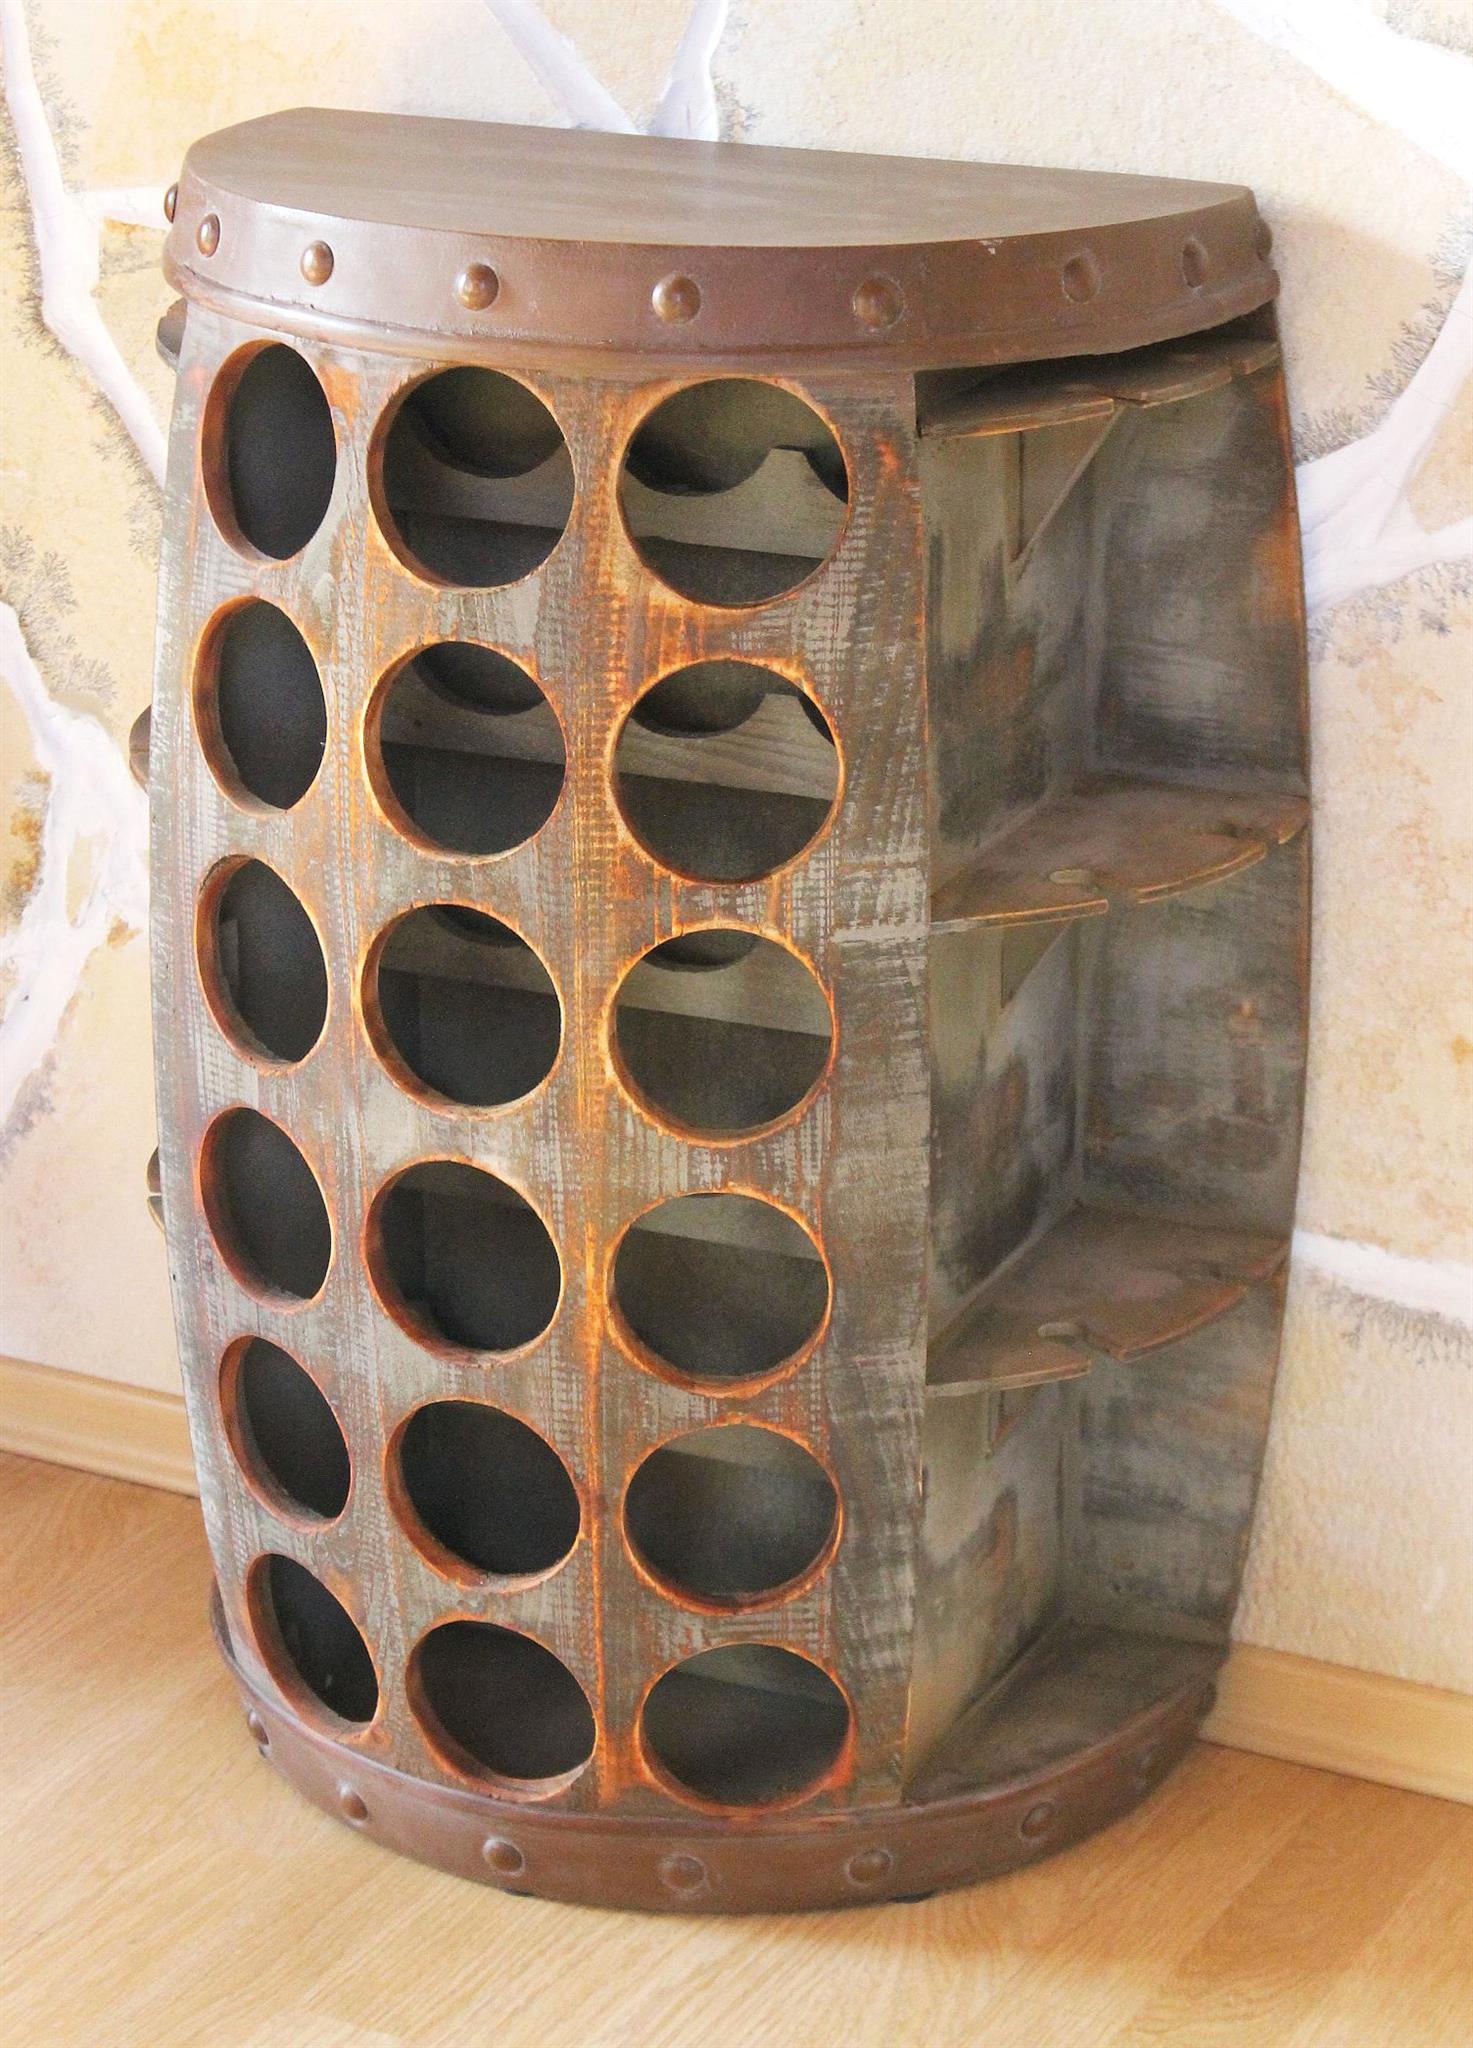 Dandibo Weinregal Holz Vintage Weinfass Flaschenregal 1486 Beistelltisch Schrank Fass 72cm Hoch Weinbar Dandibo Ambiente